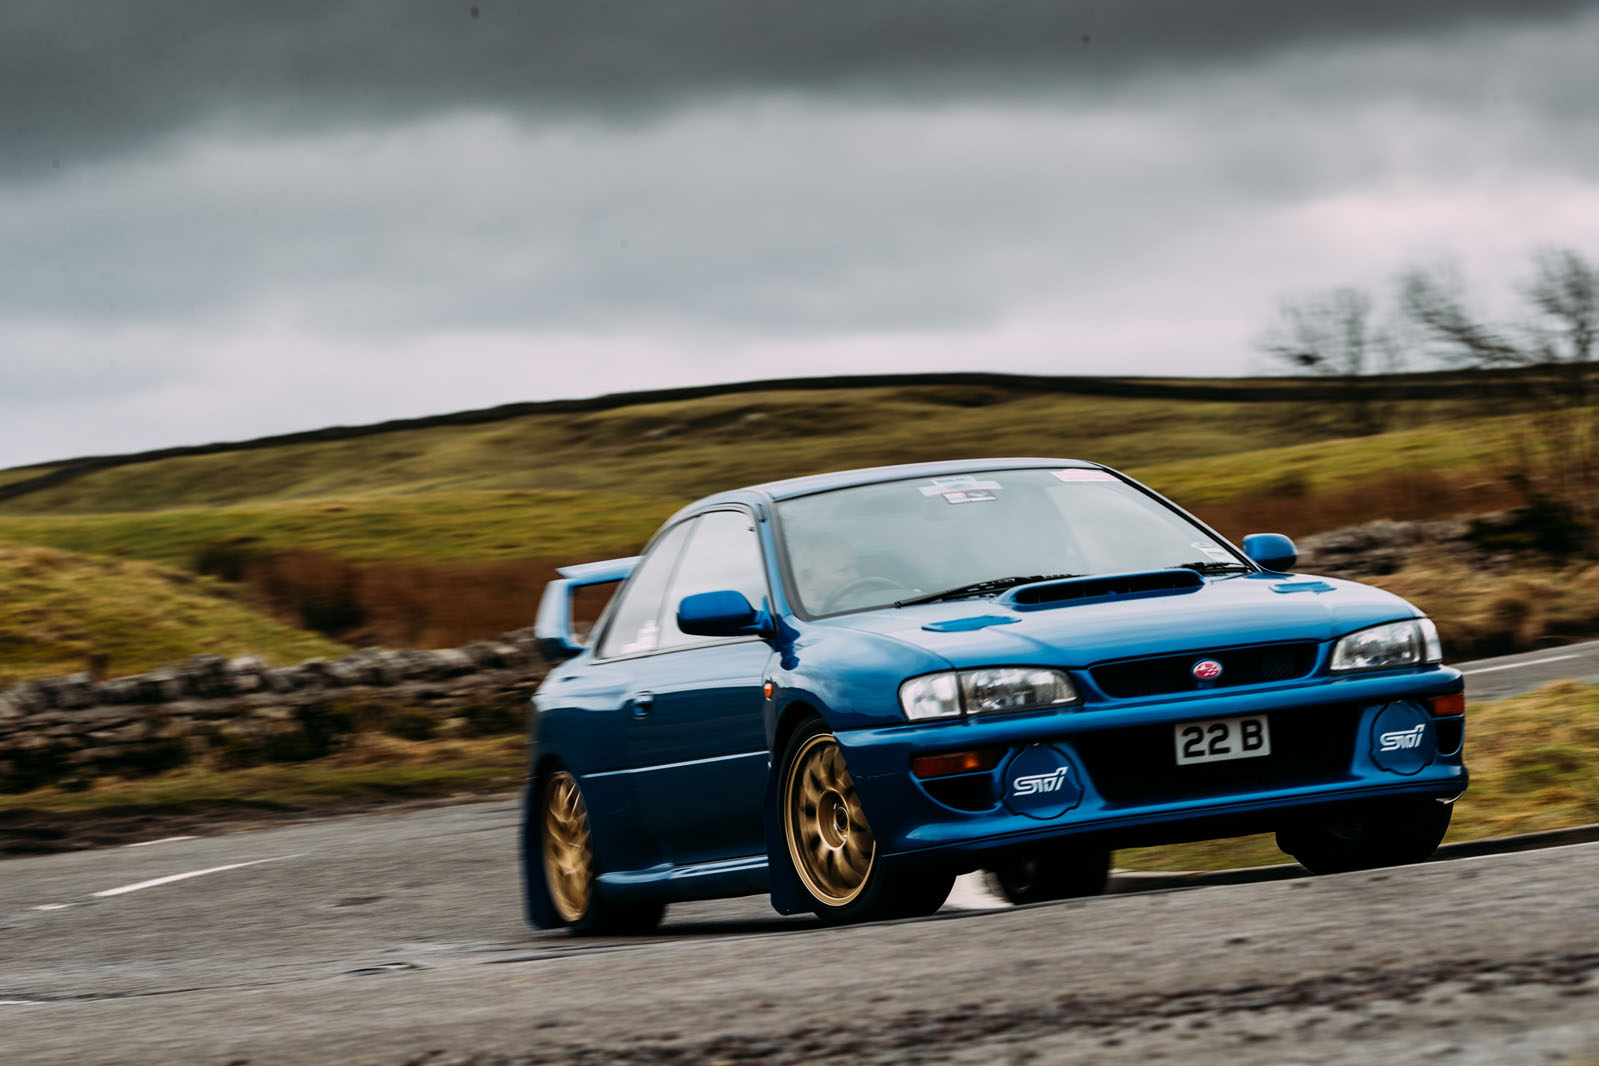 B Vs Maki on 1998 Subaru Impreza 22b Sti